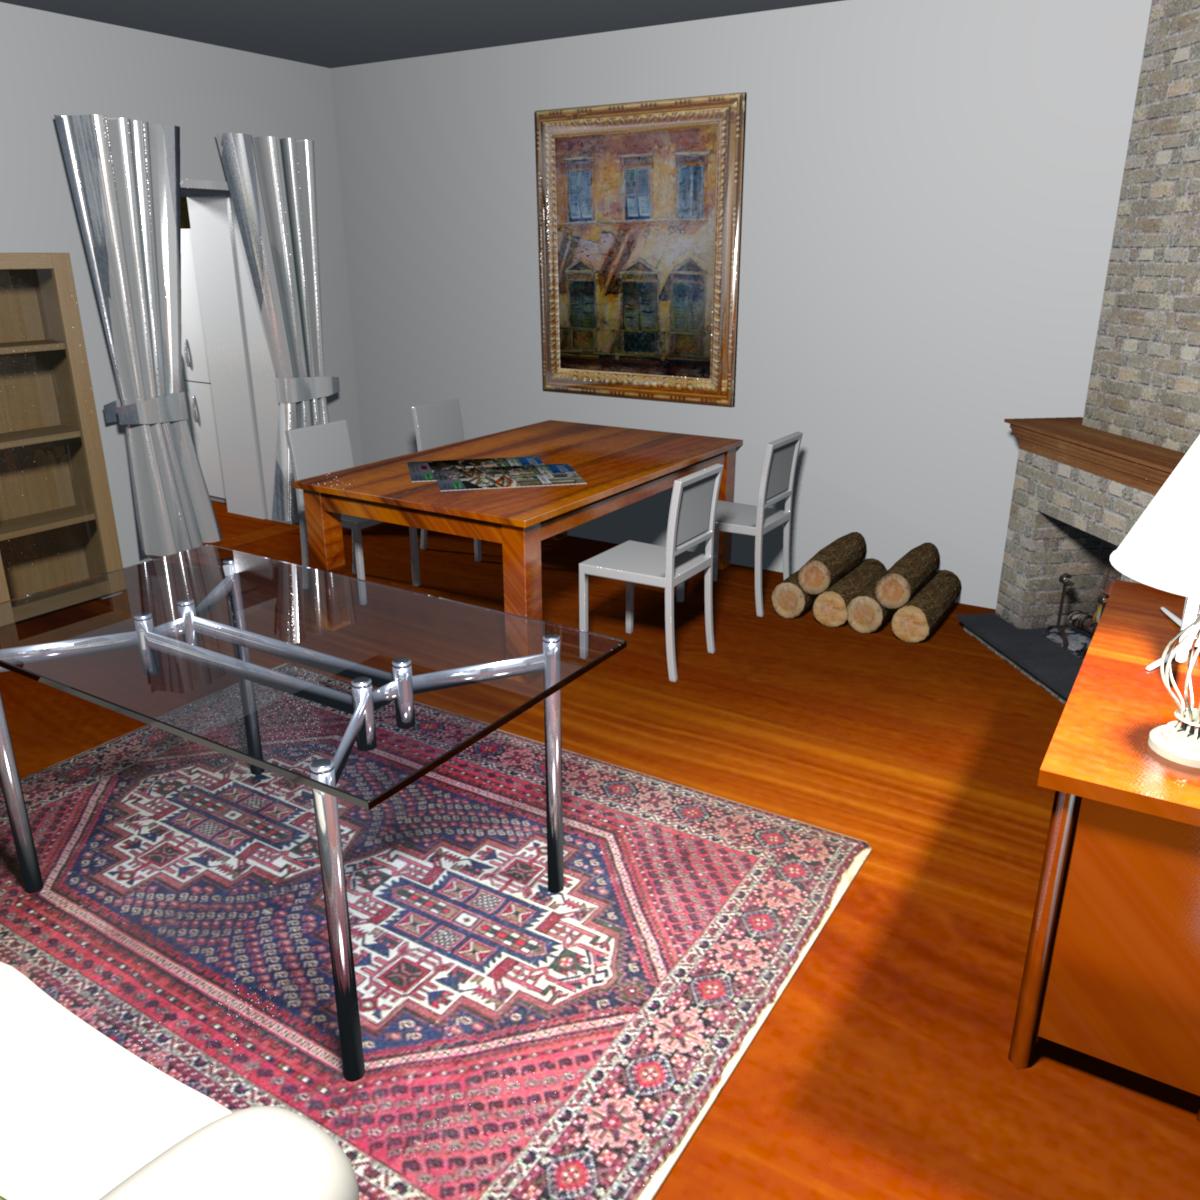 soggiorno casa di campagna Trebiano - Liguria - Italy | Rendering ...